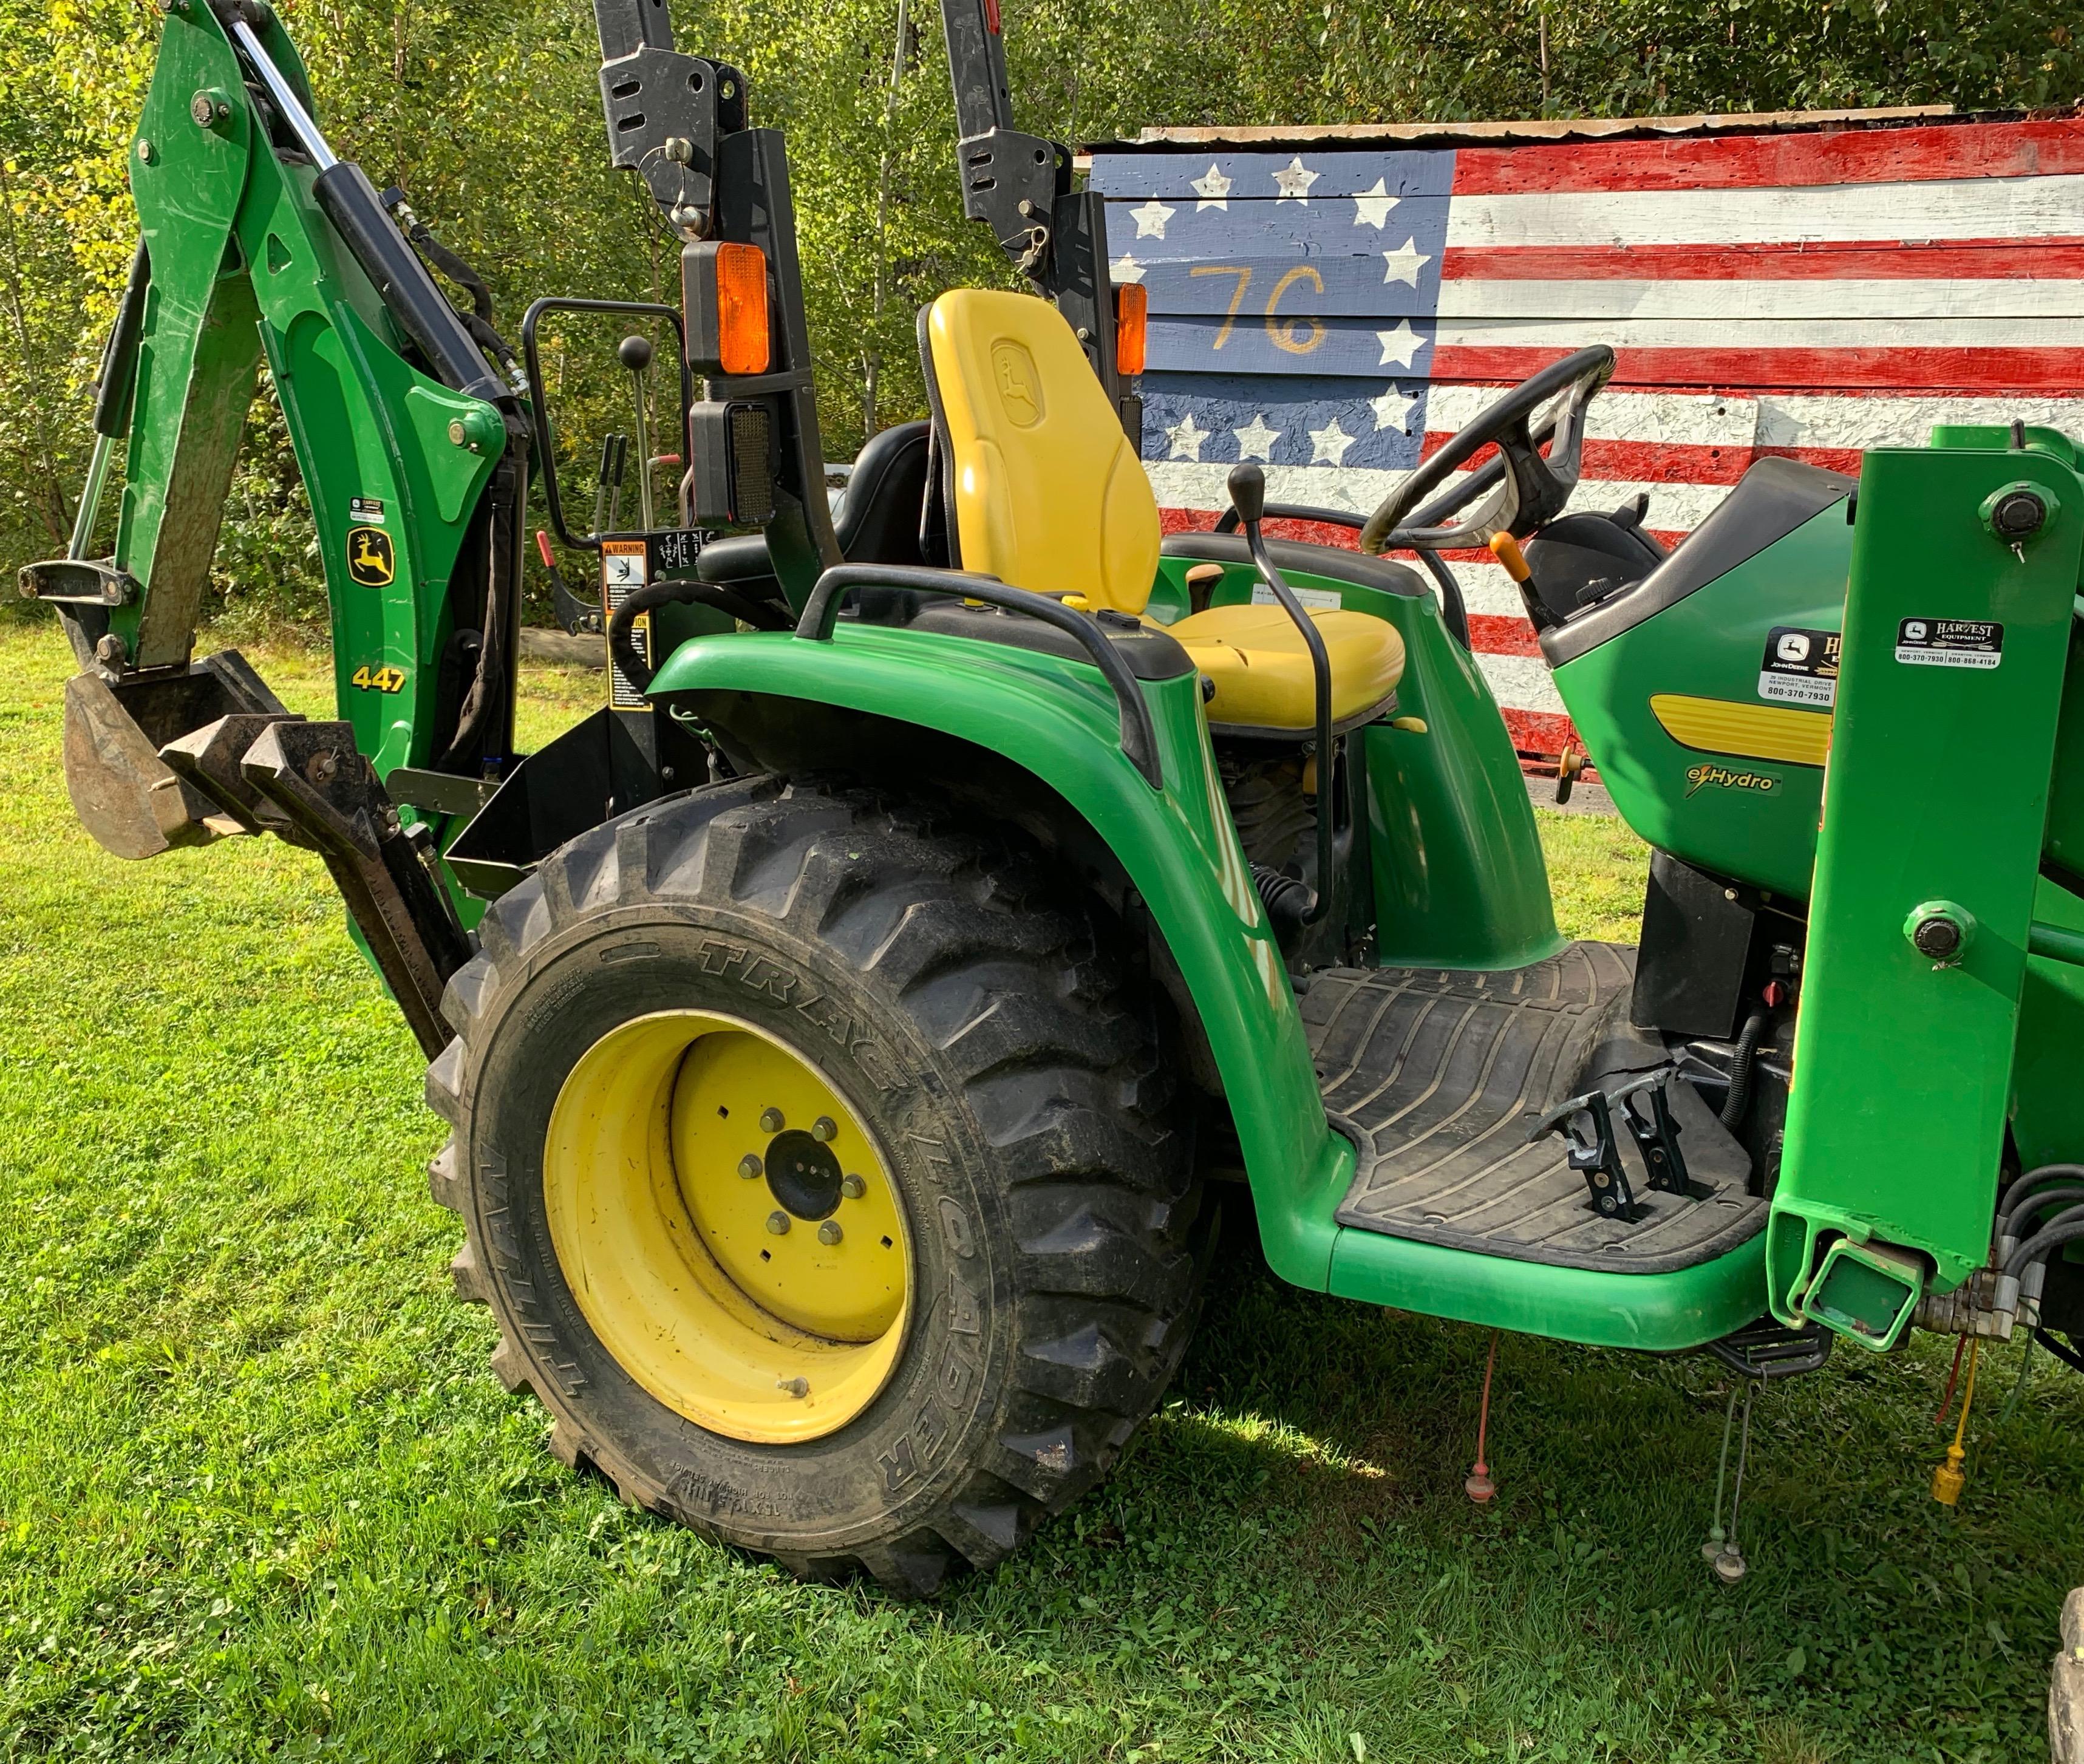 Image of John Deere tractor